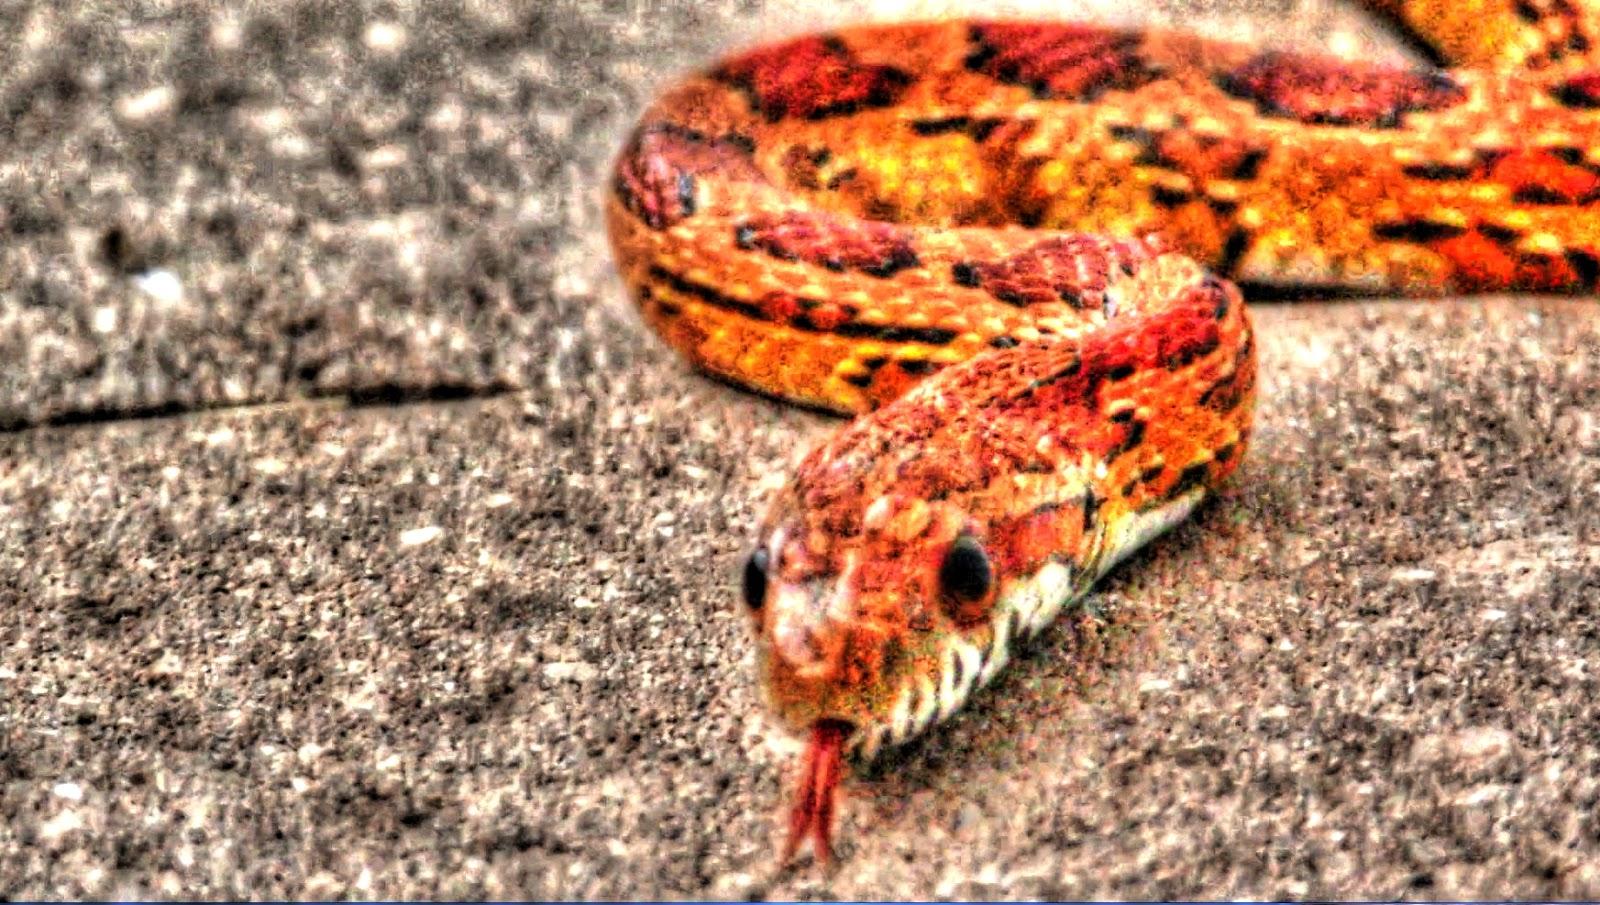 backyard birding and nature wild florida corn snake behaviour